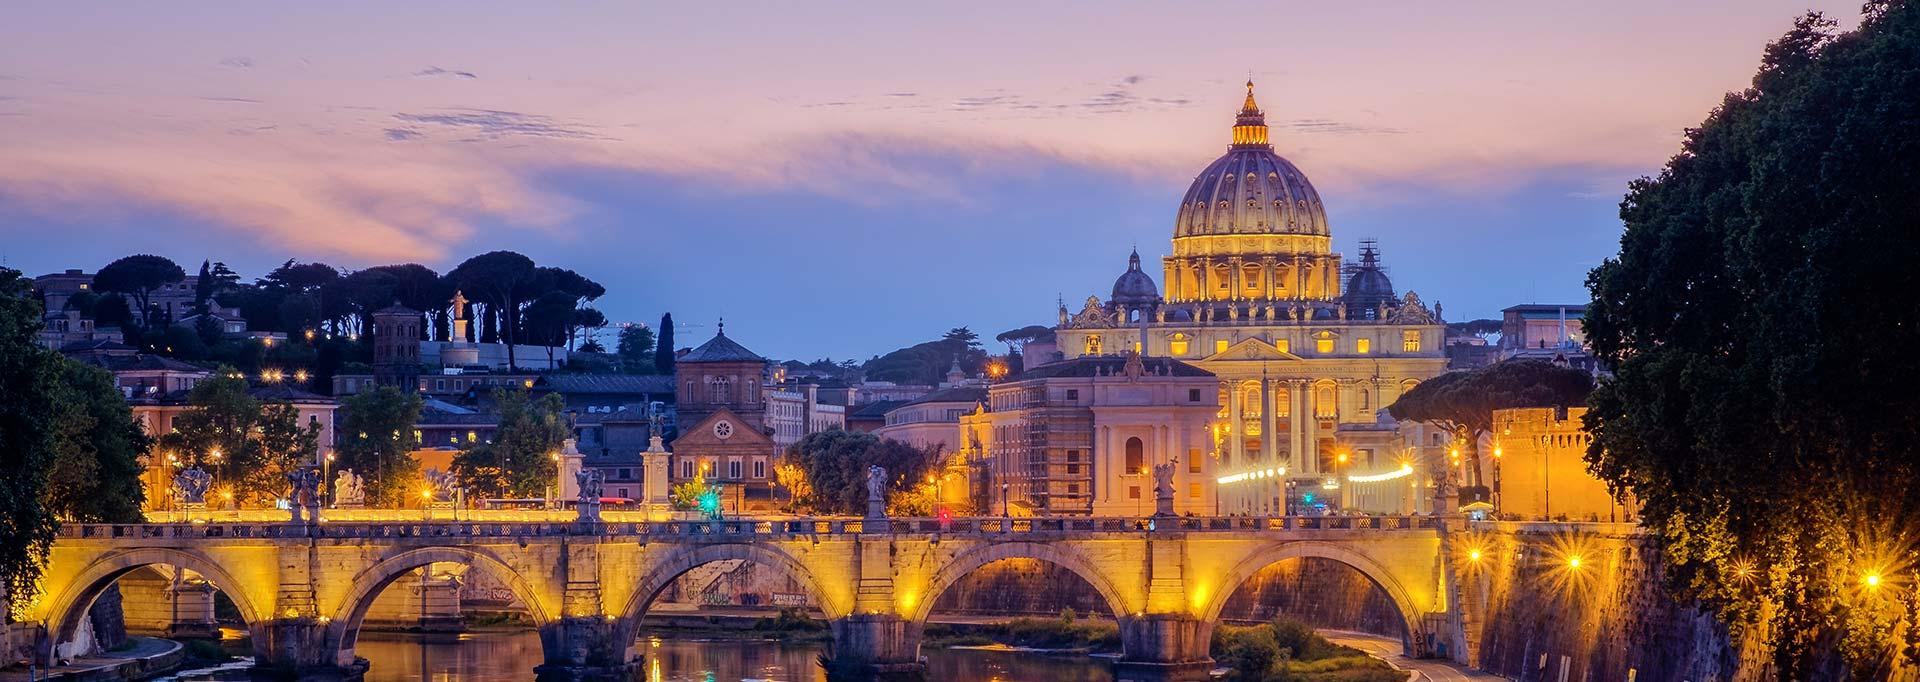 Jesen Putovanje Rim 2021